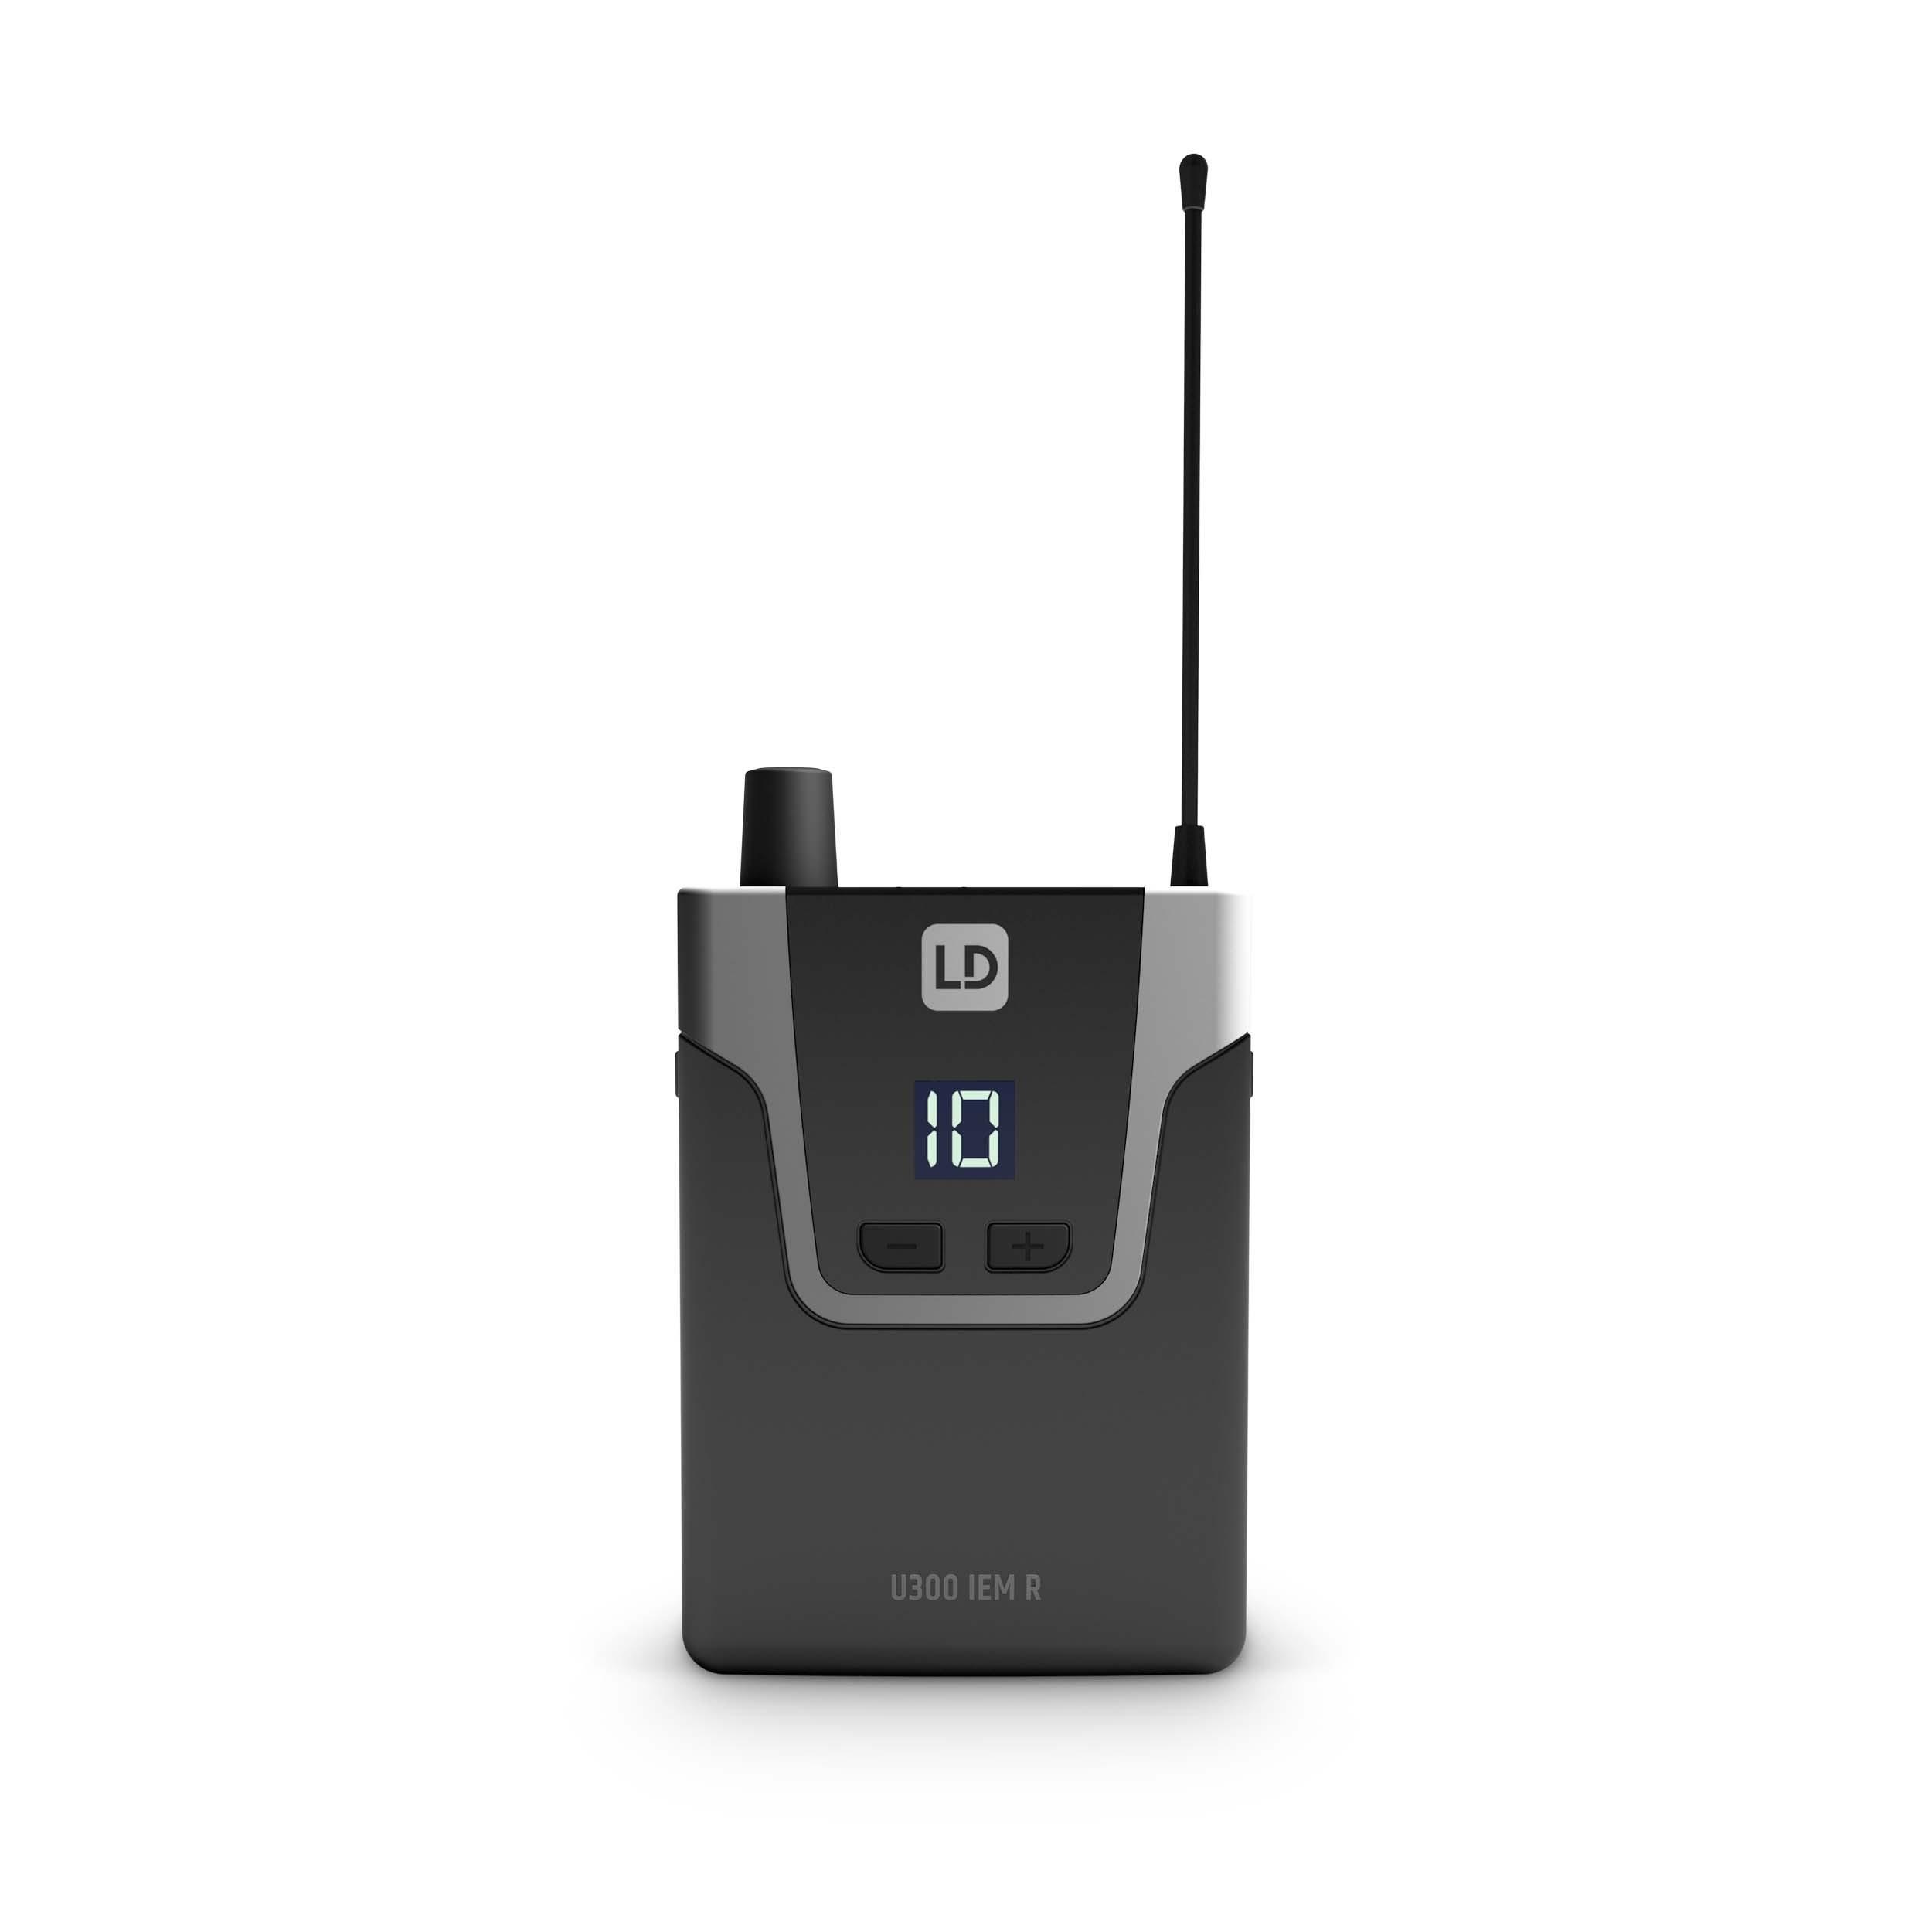 U305.1 IEM In-Ear Monitoring System